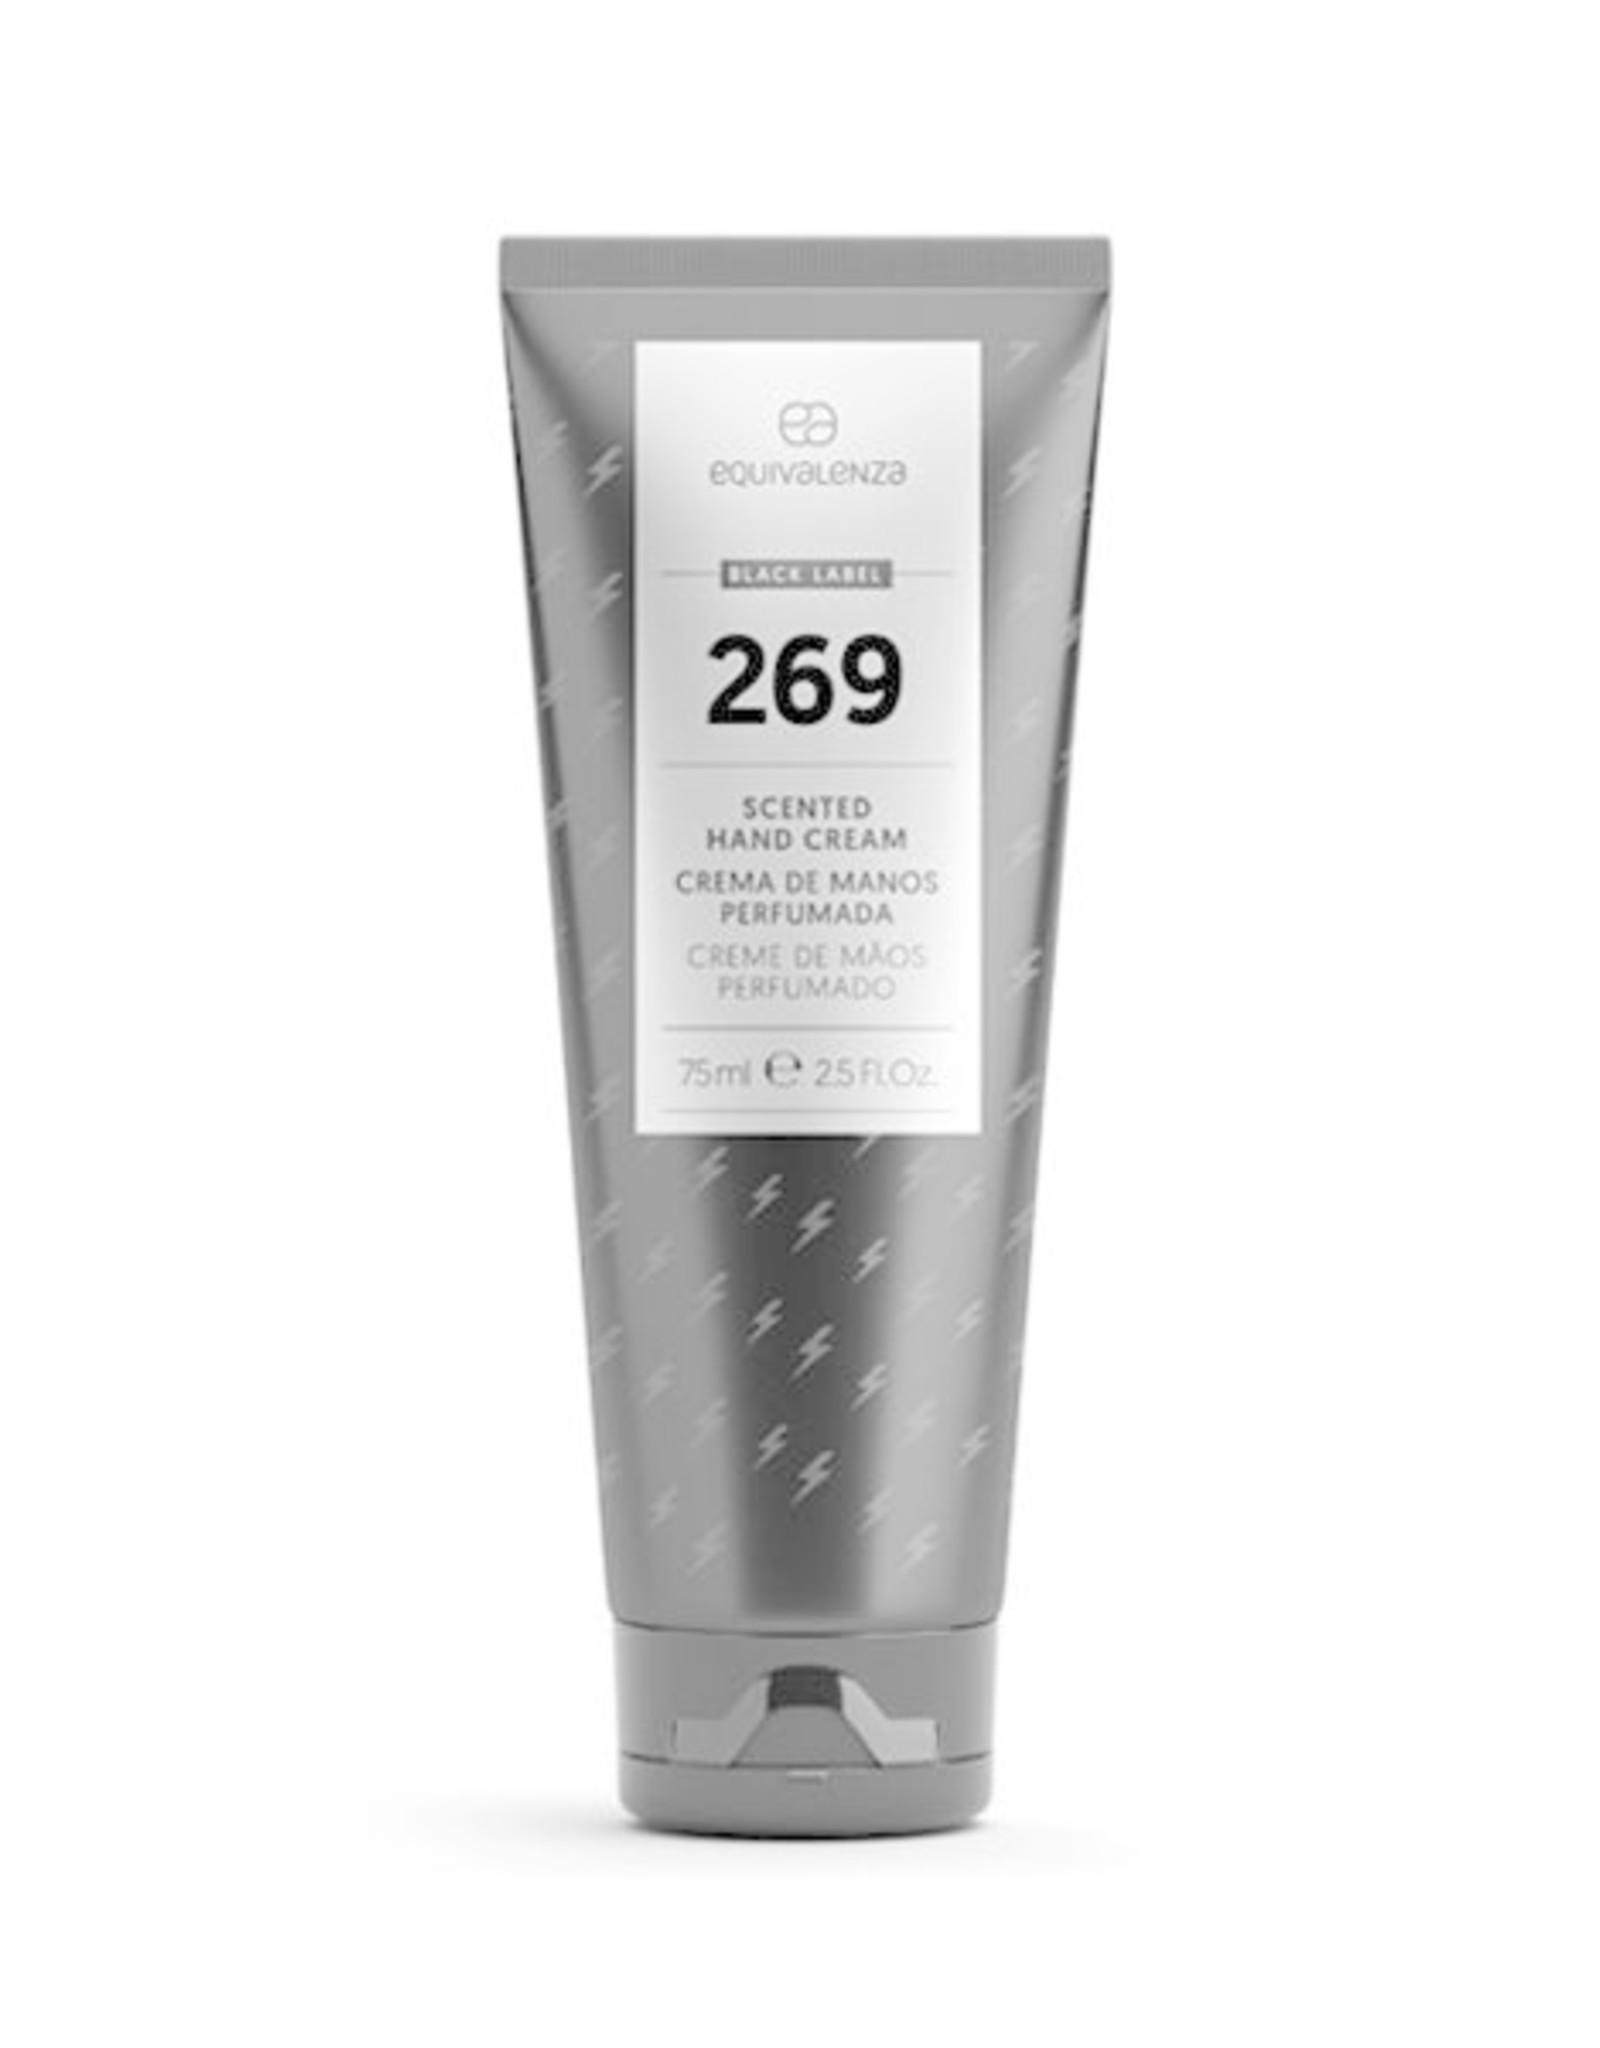 Equivalenza Crème pour les mains Black Label 269